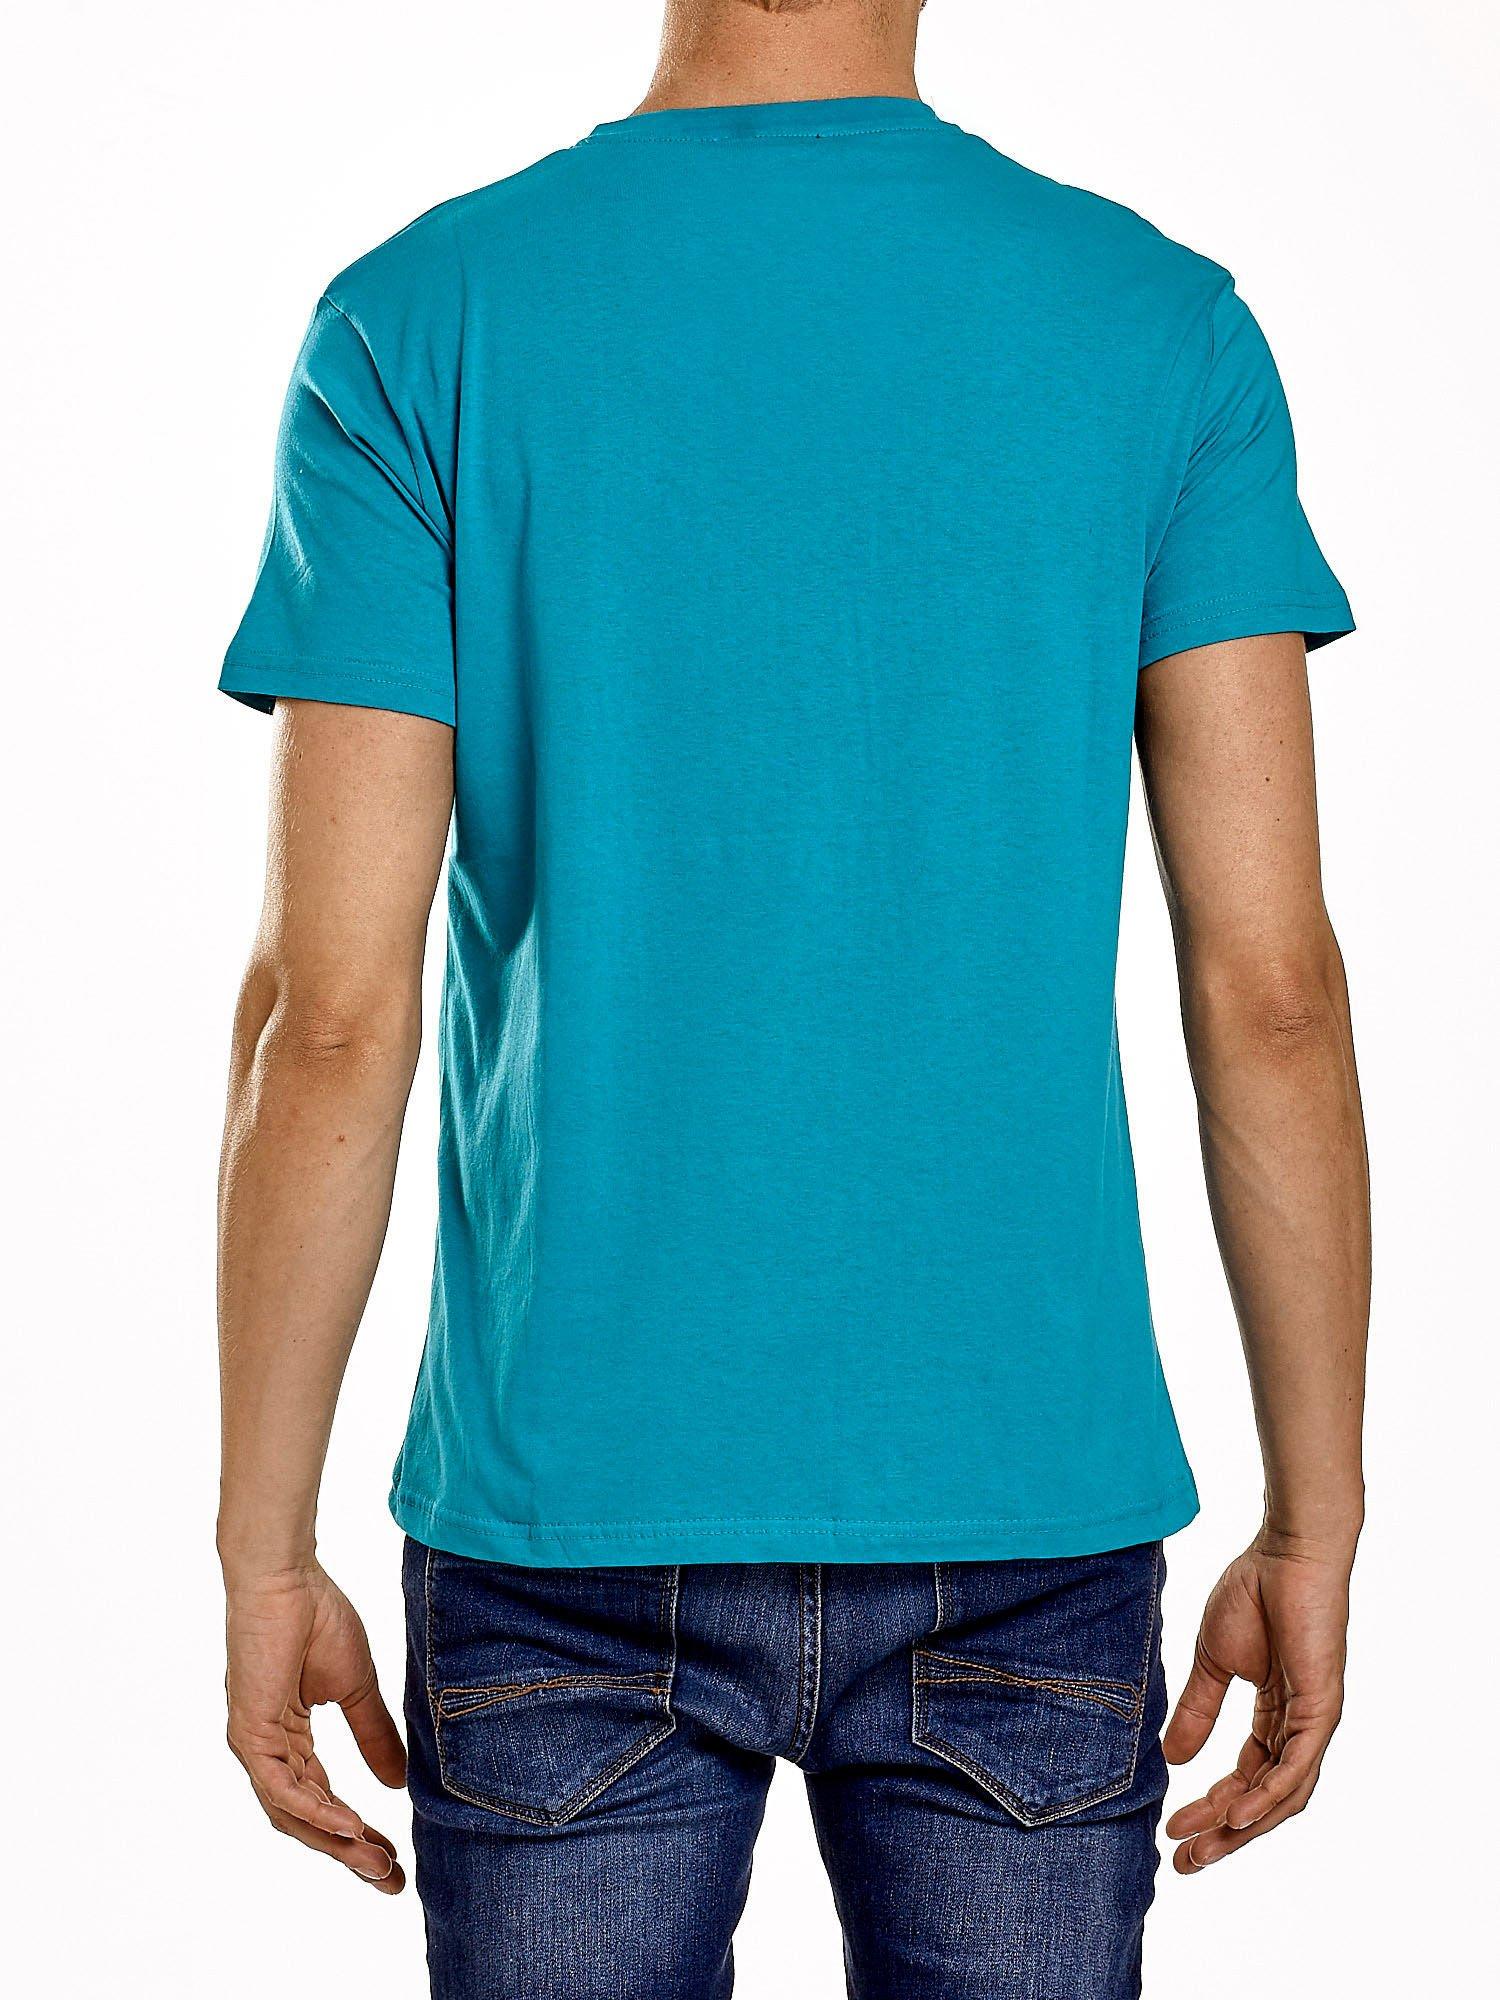 Zielony t-shirt męski z napisem CHAMPION i liczbą 28                                  zdj.                                  3